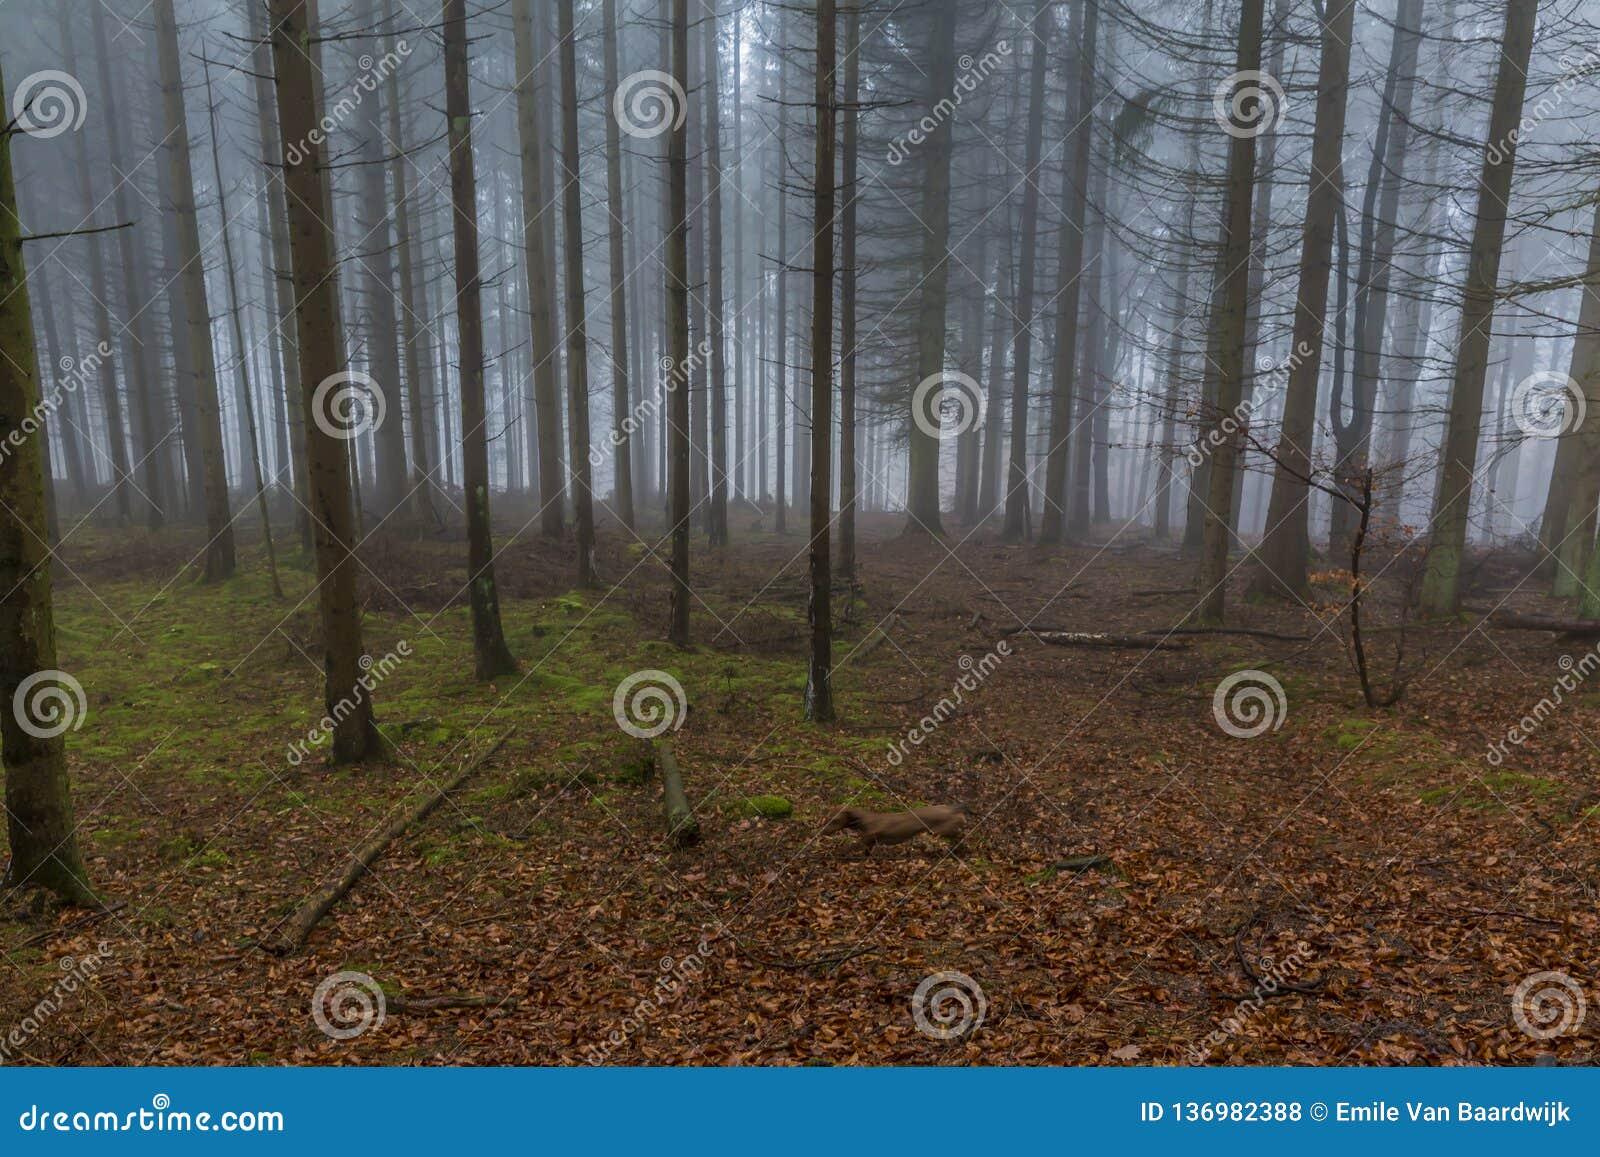 Beeld van lange pijnboombomen in het bos met mos en bladeren ter plaatse met heel wat mist